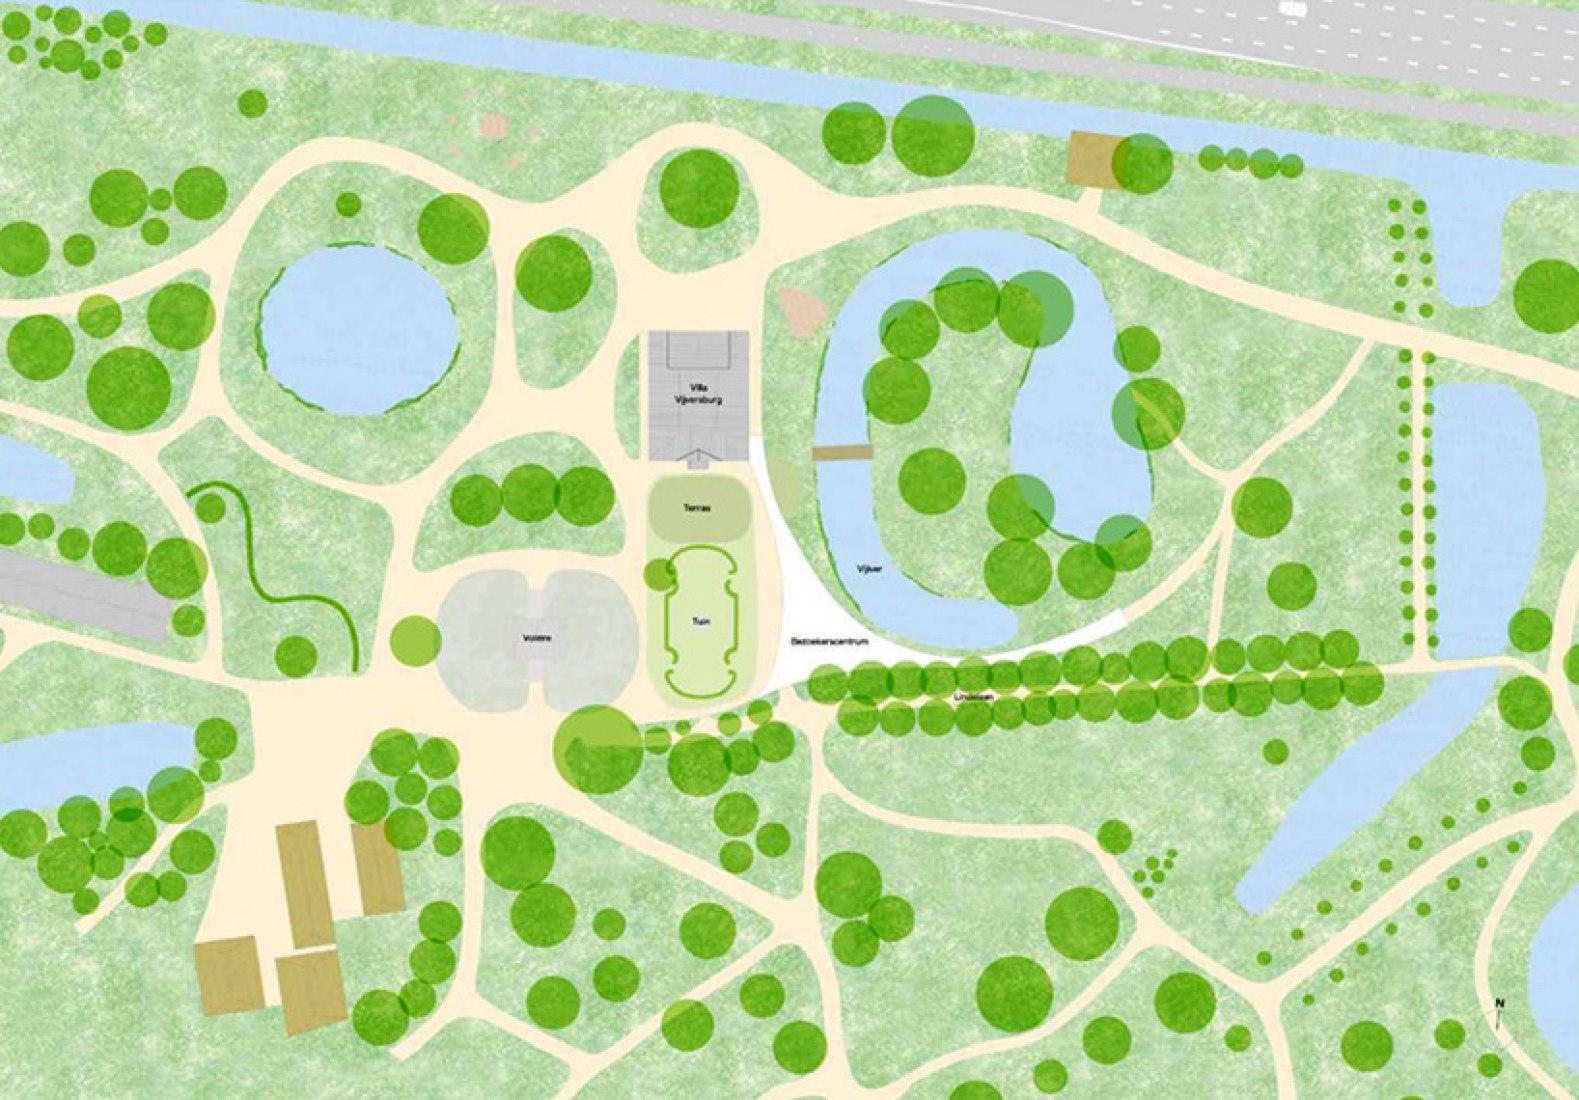 Plano de situación del nuevo centro de visitantes.